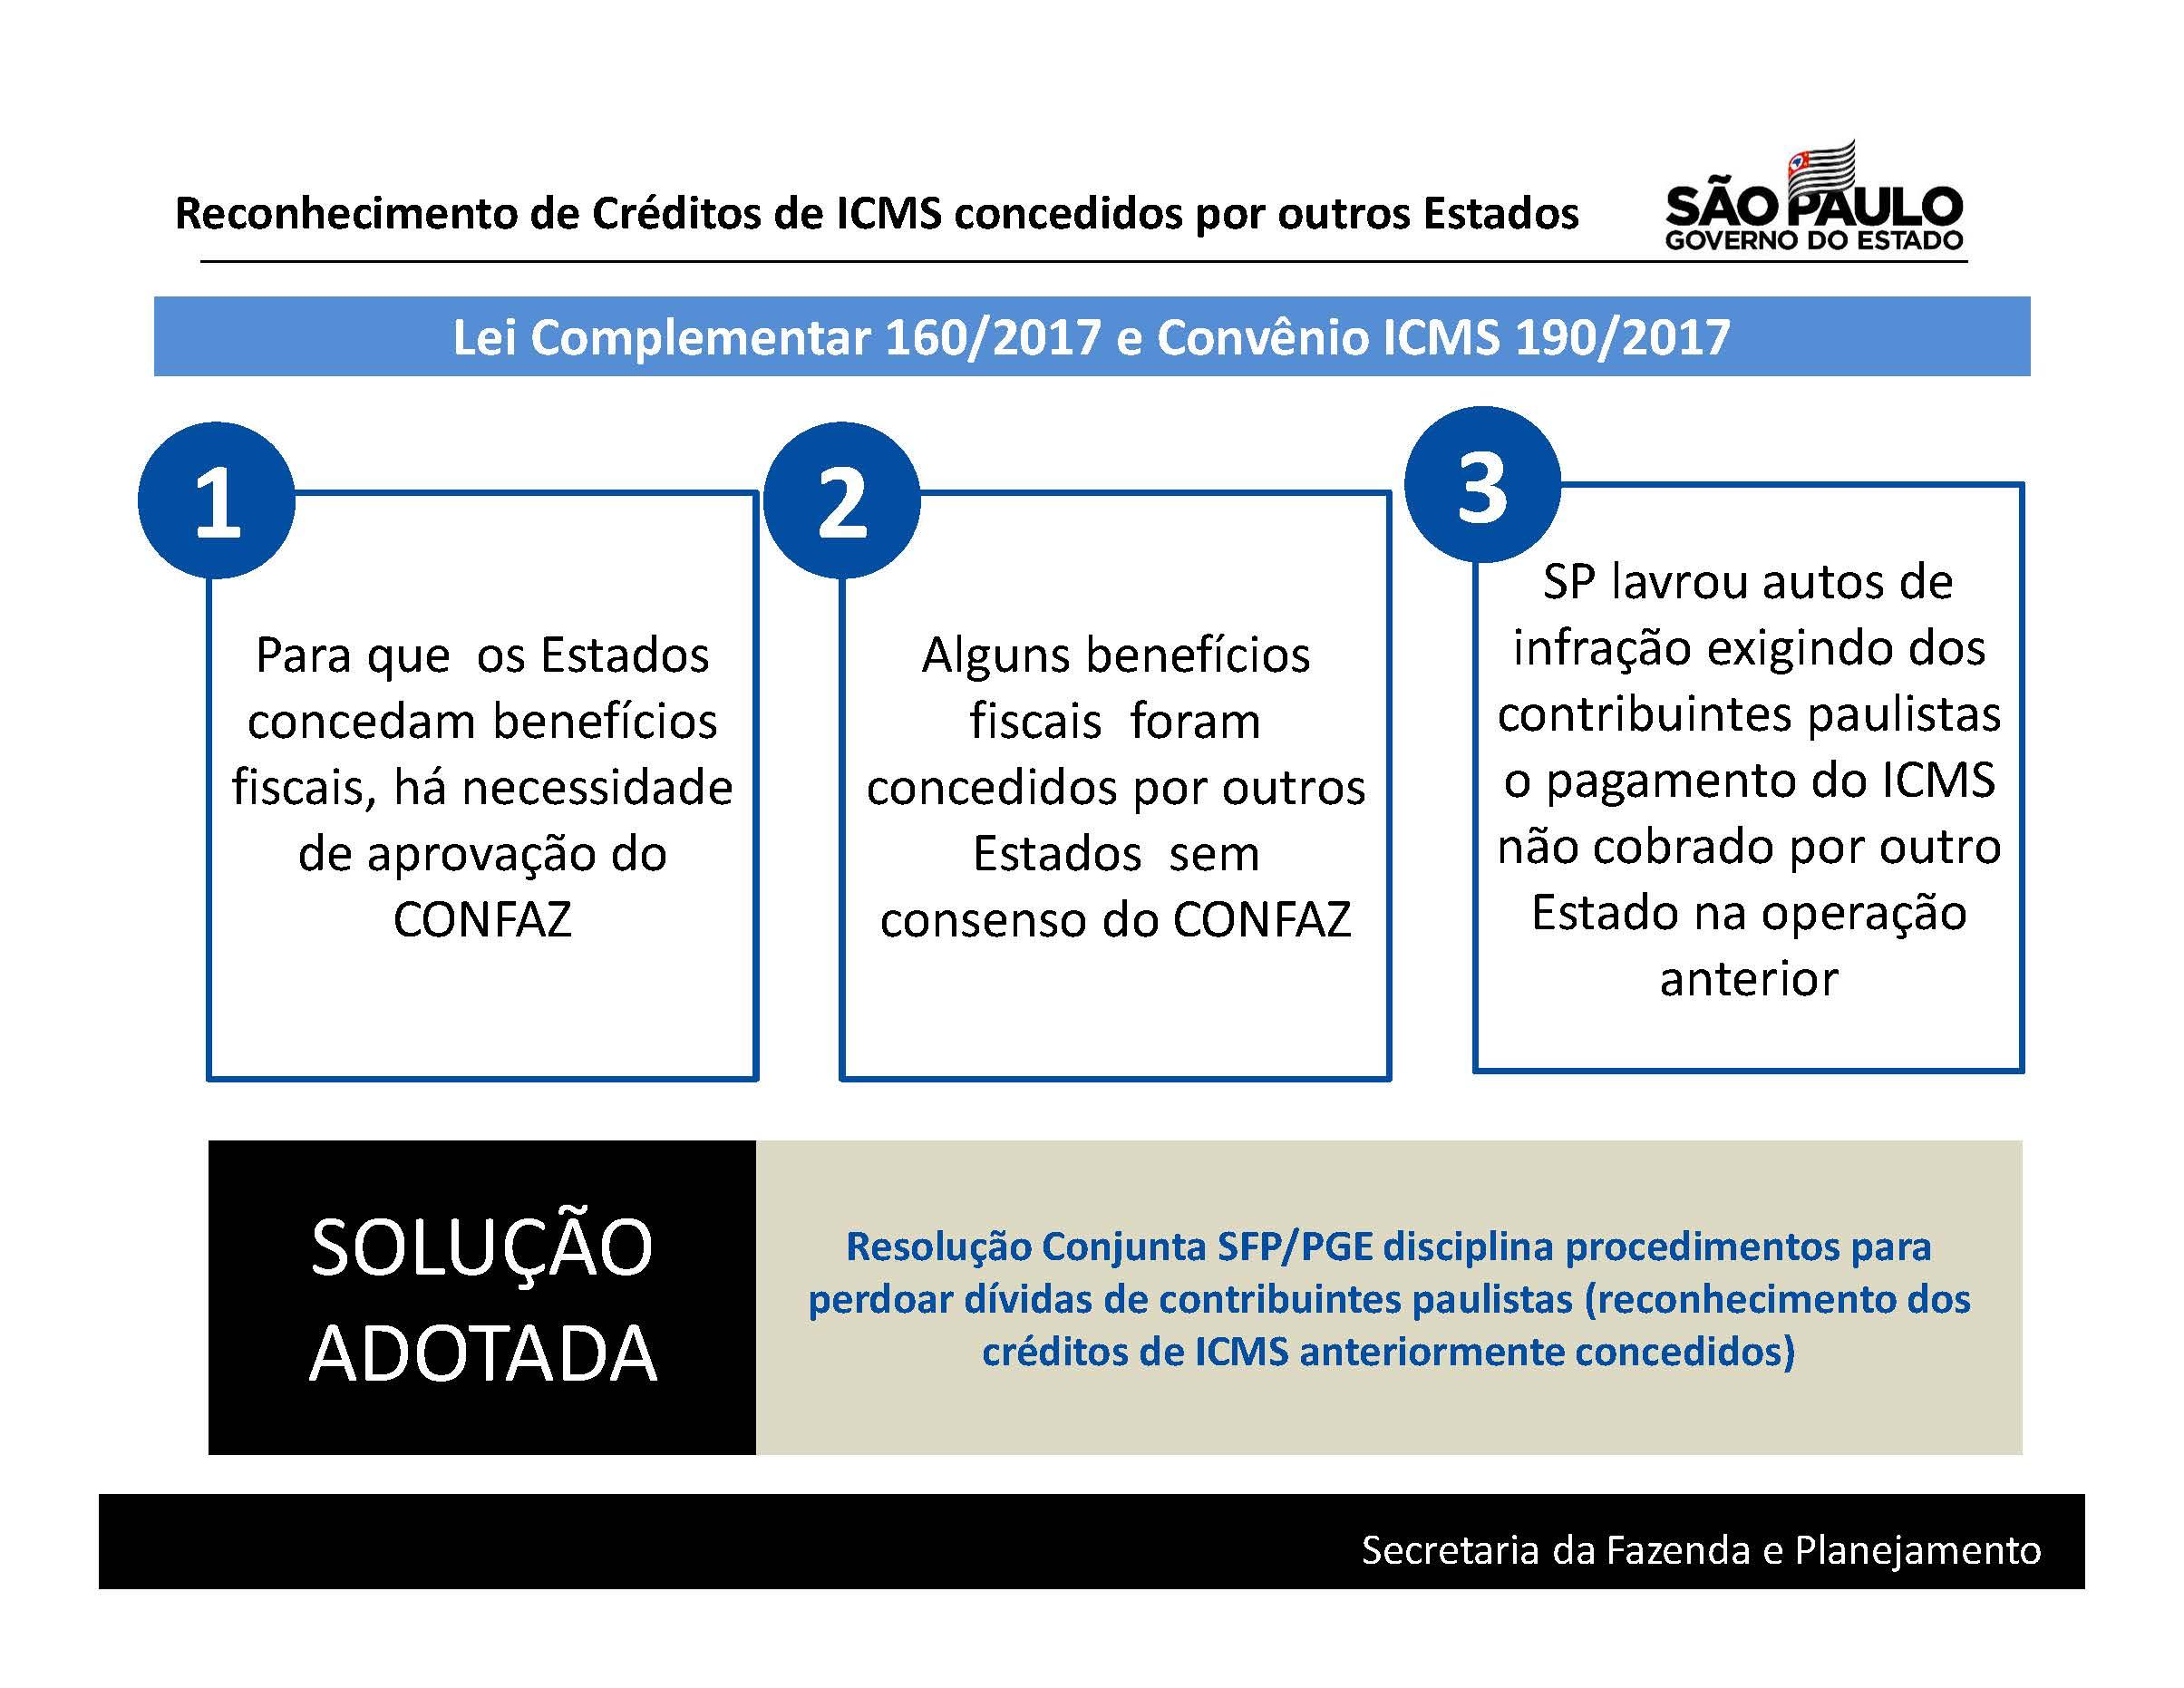 Infográfico 1 - Reconhecimento créditos ICMS.jpg